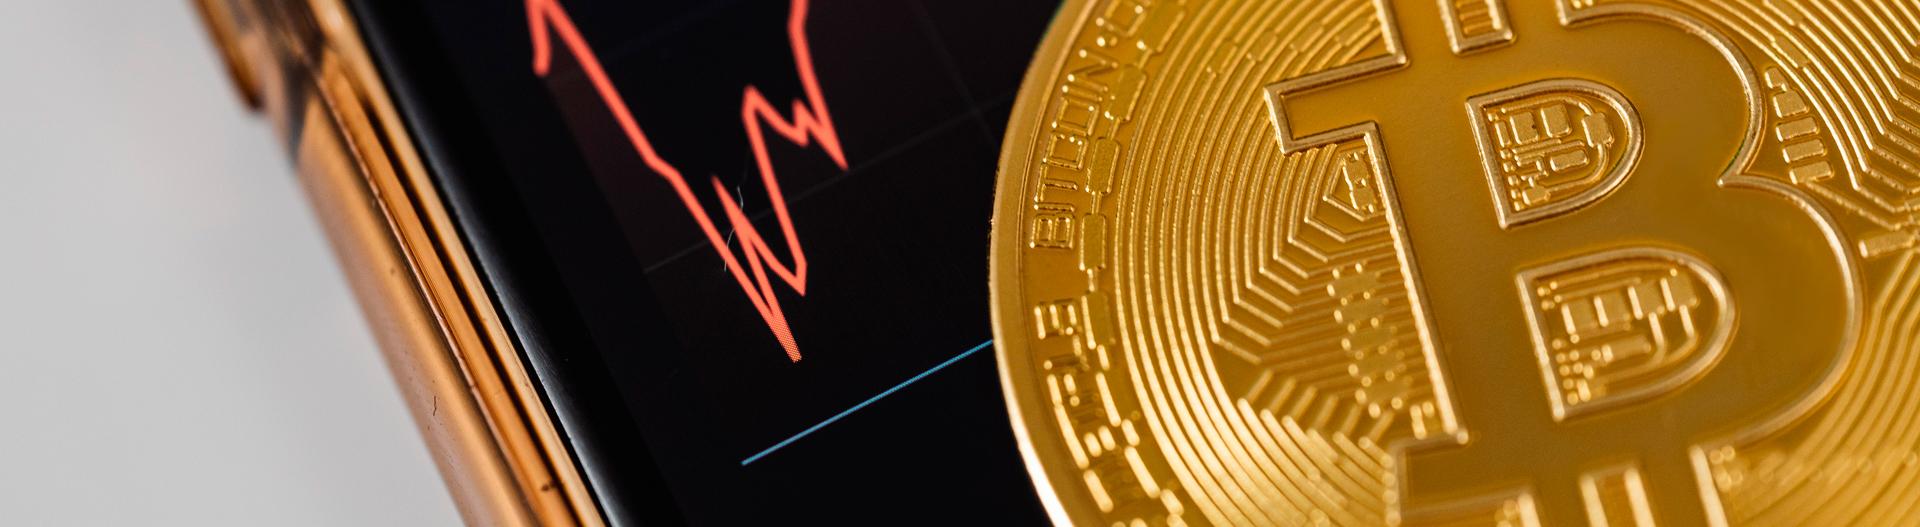 bitcoin commercio cartao de cereo)